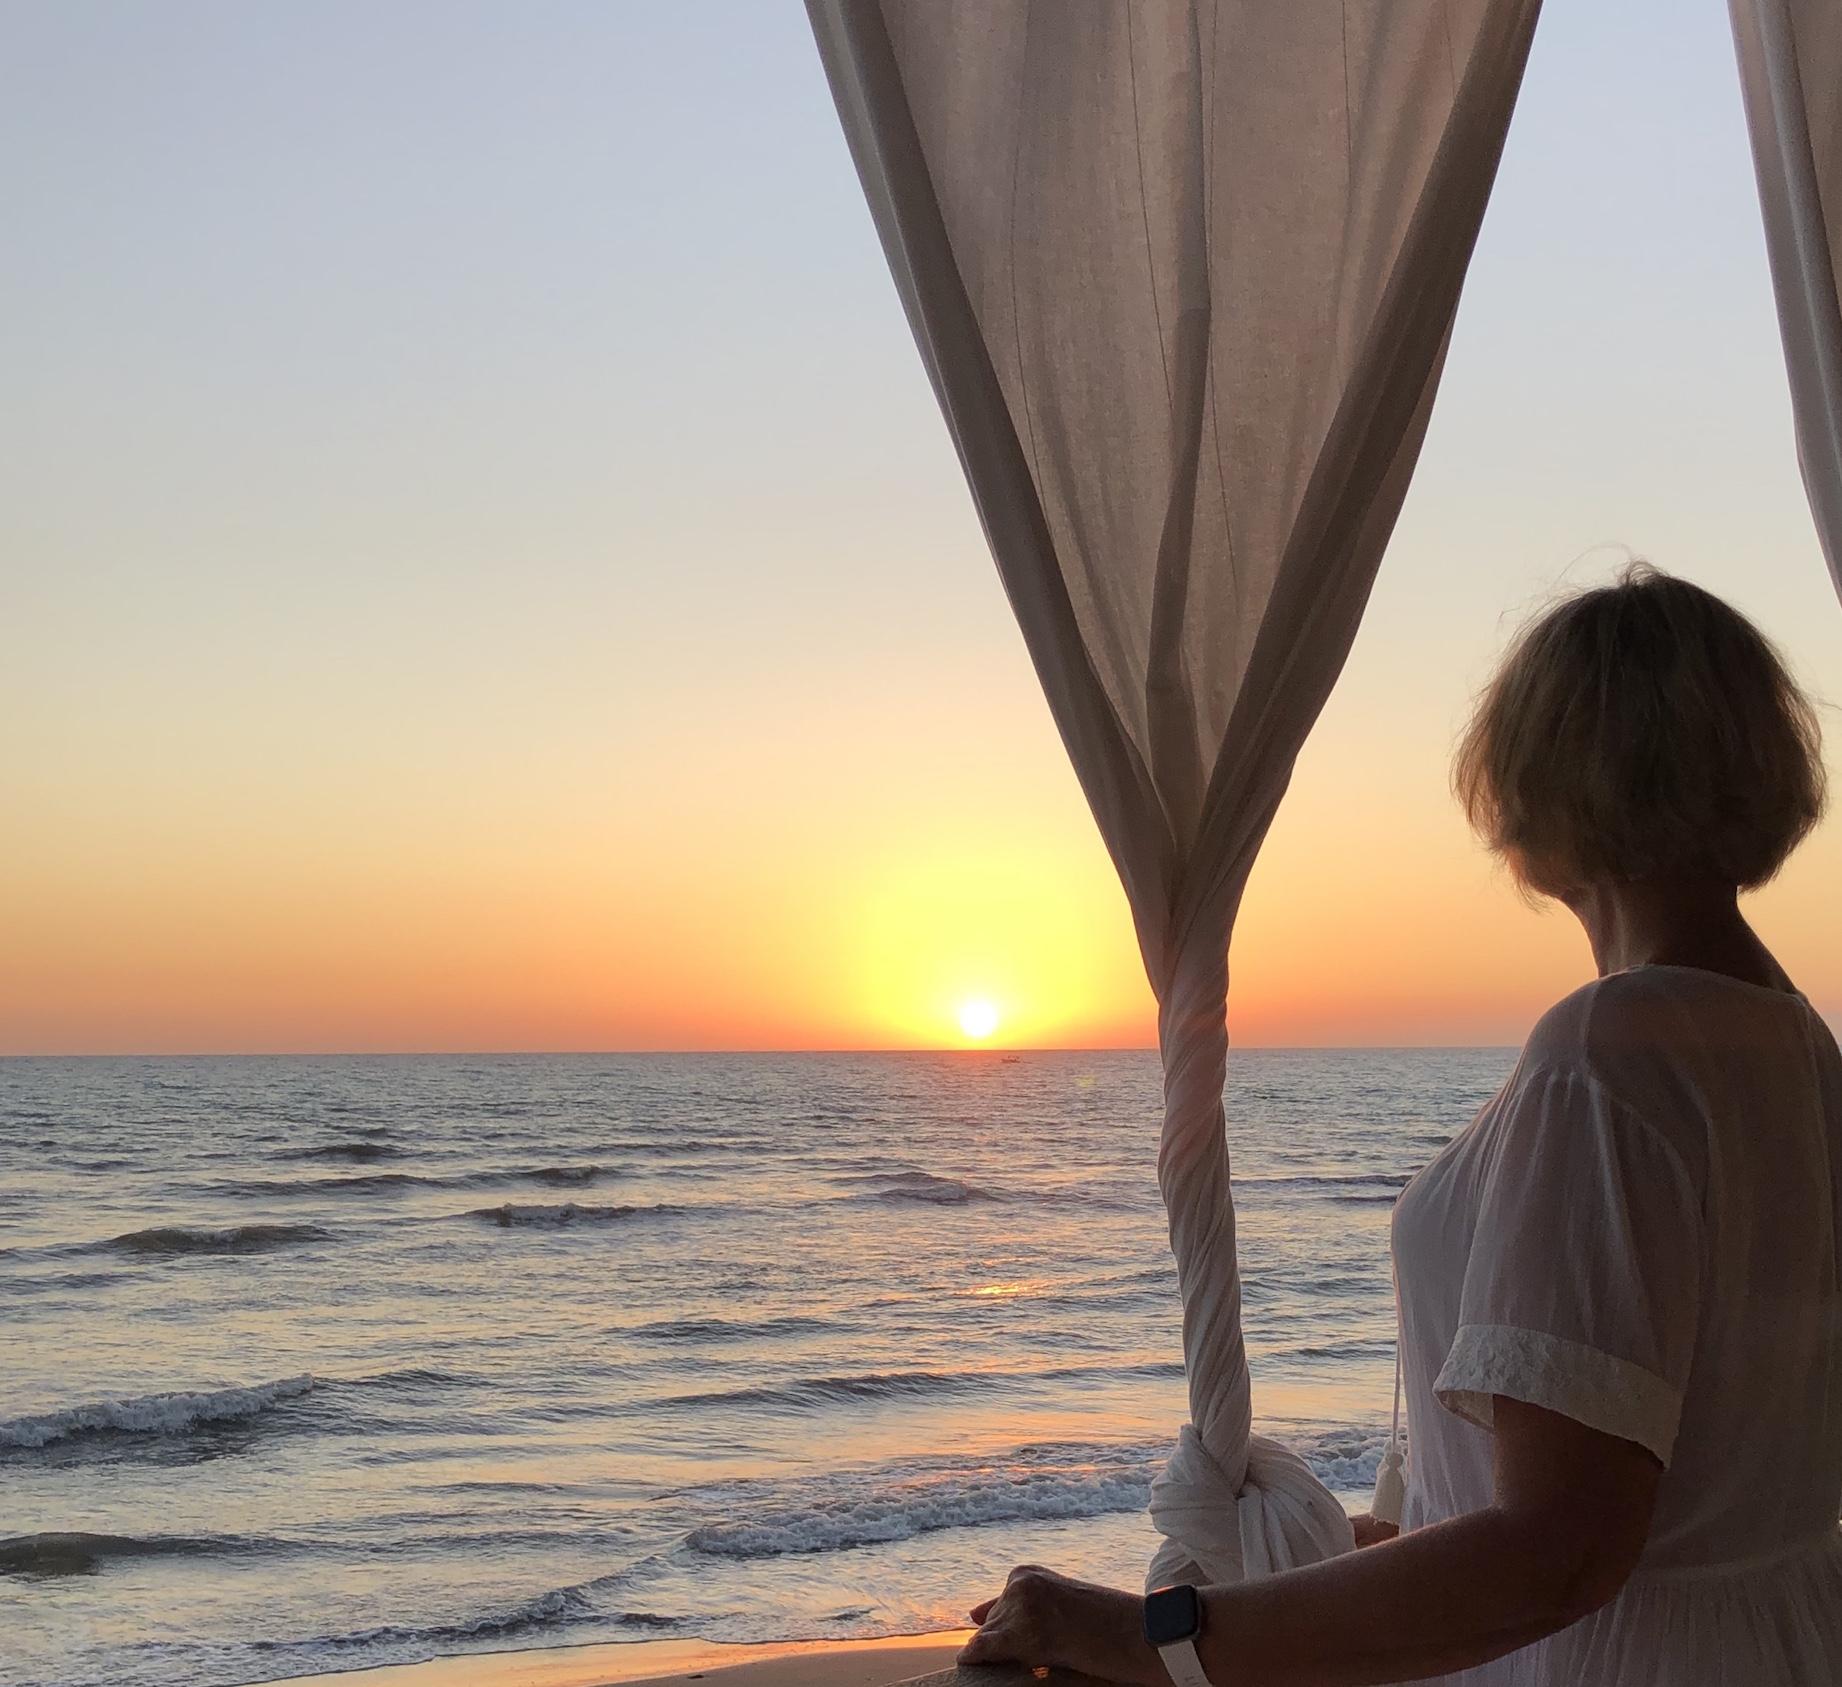 Sonnenuntergang Italien Mittelmeer Toskana san vicenzo Sommer 2020